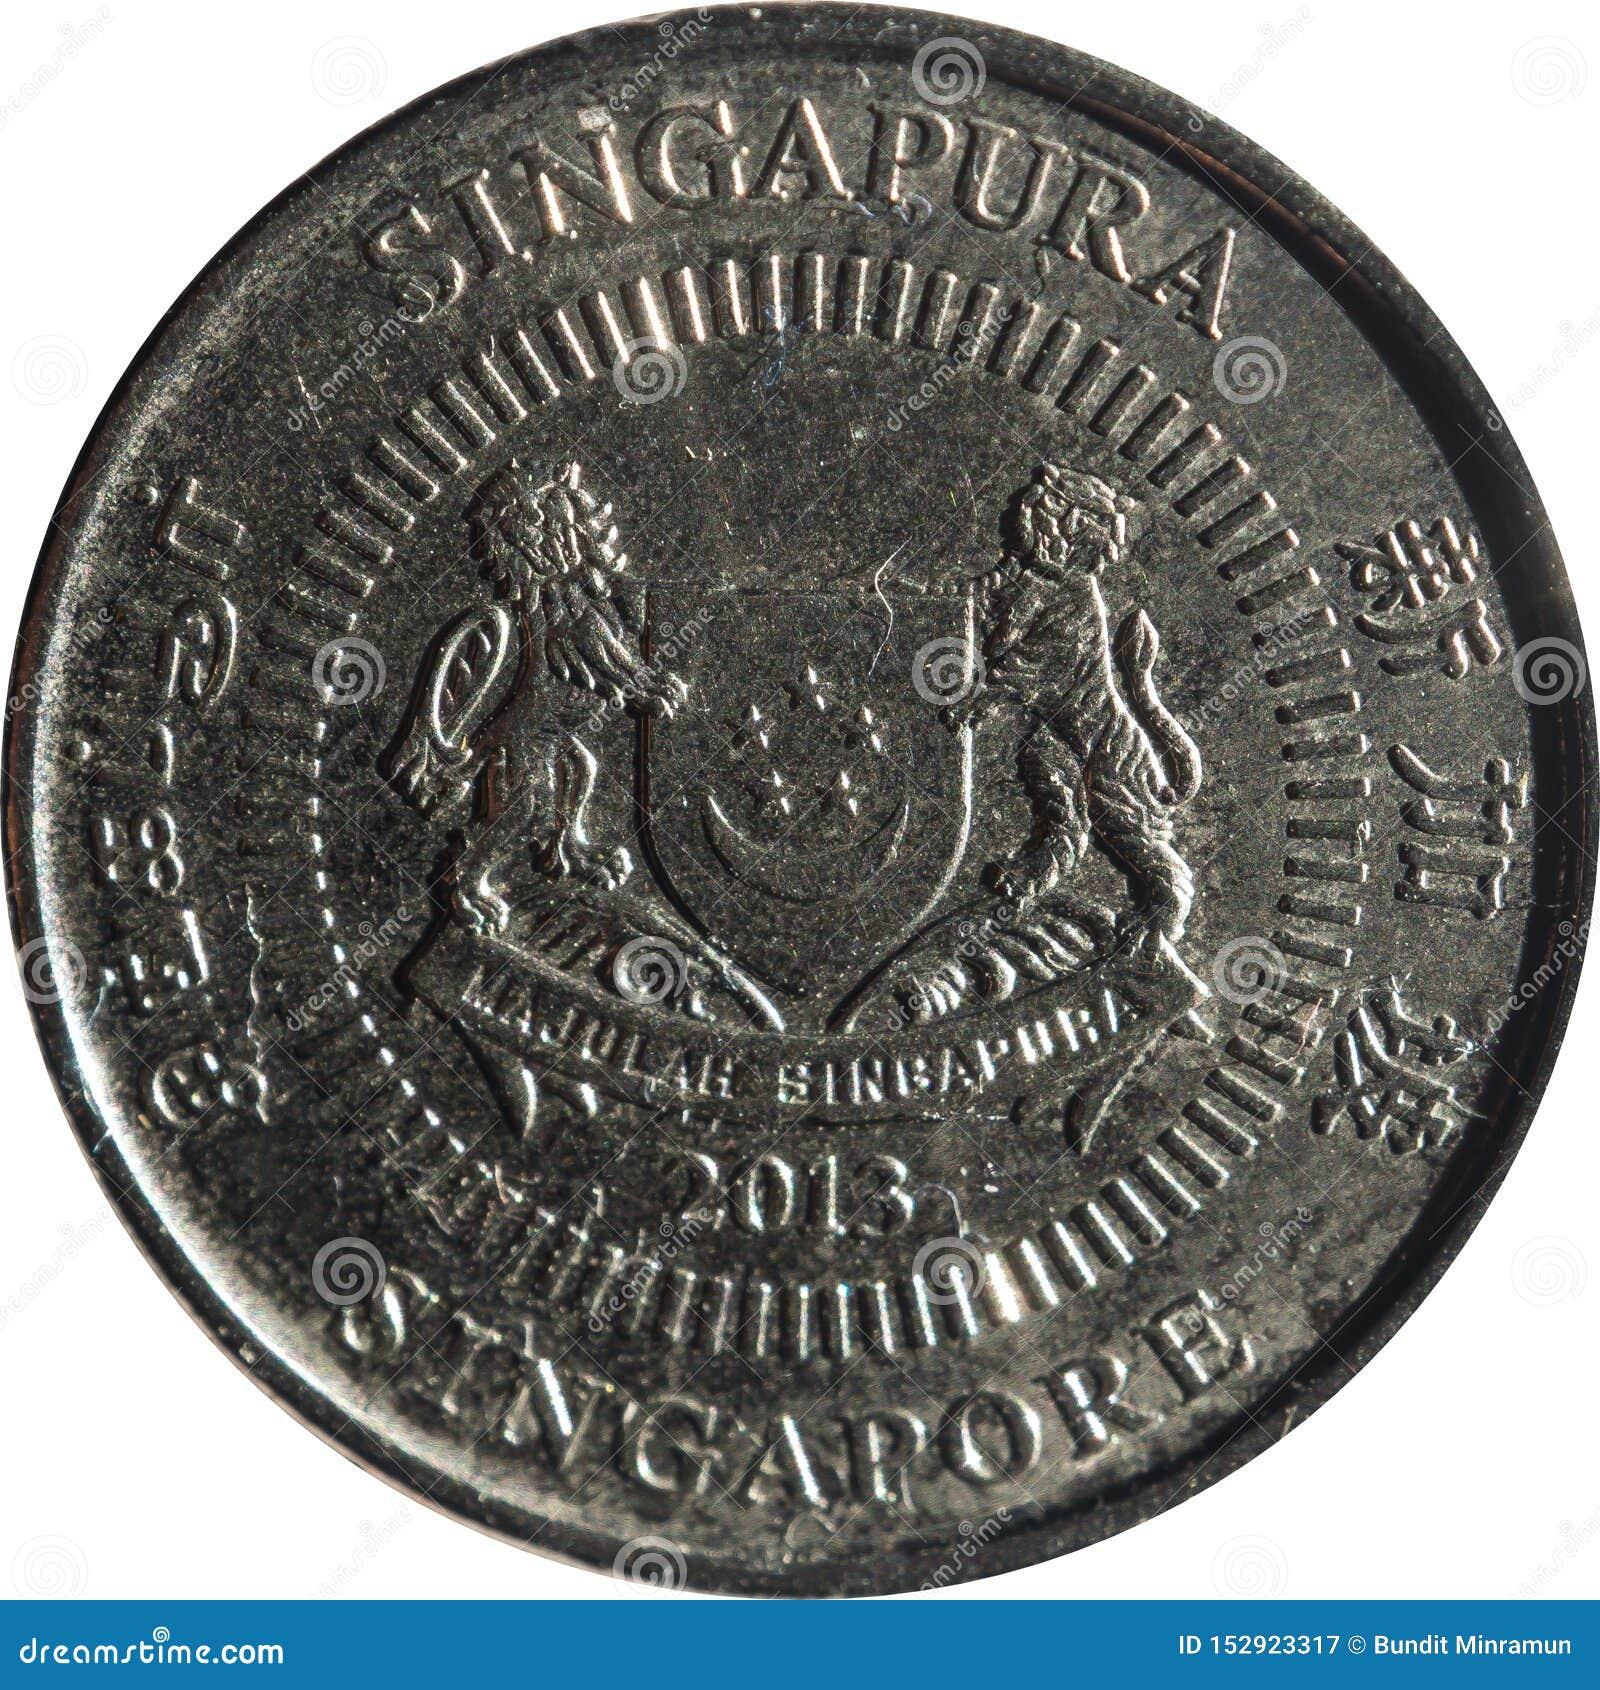 A moeda de cinco-centavo de Singapura caracteriza o emblema com data embaixo e 'Singapura 'em quatro lados no inglês, no Tamil, n